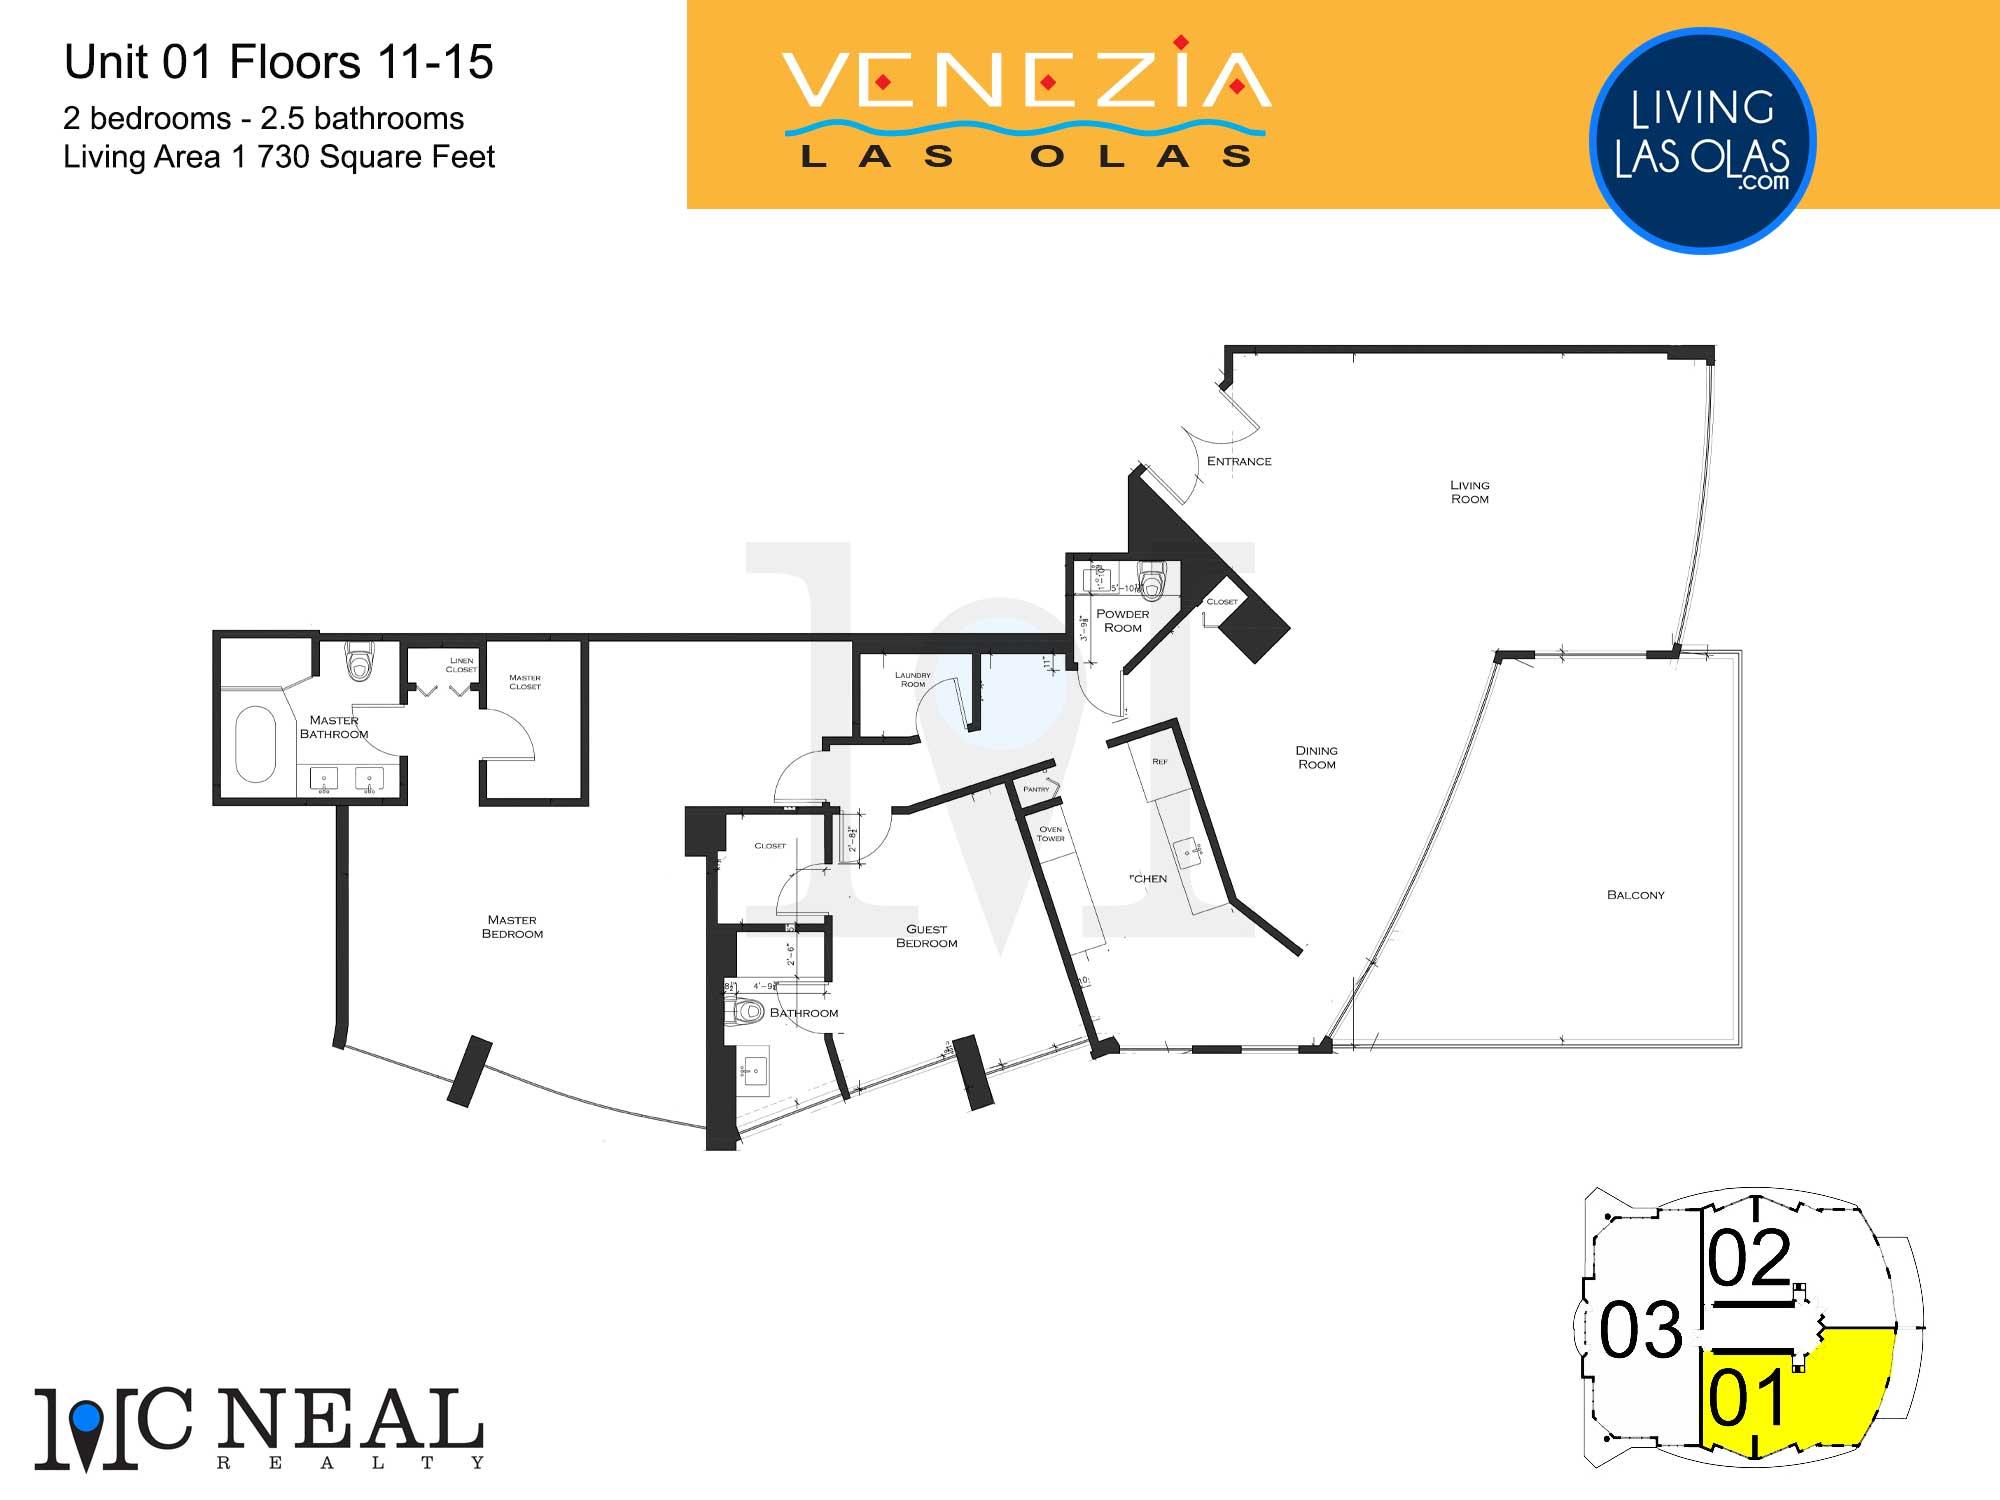 Venezia Las Olas Floor Plans 11-15 Unit 1